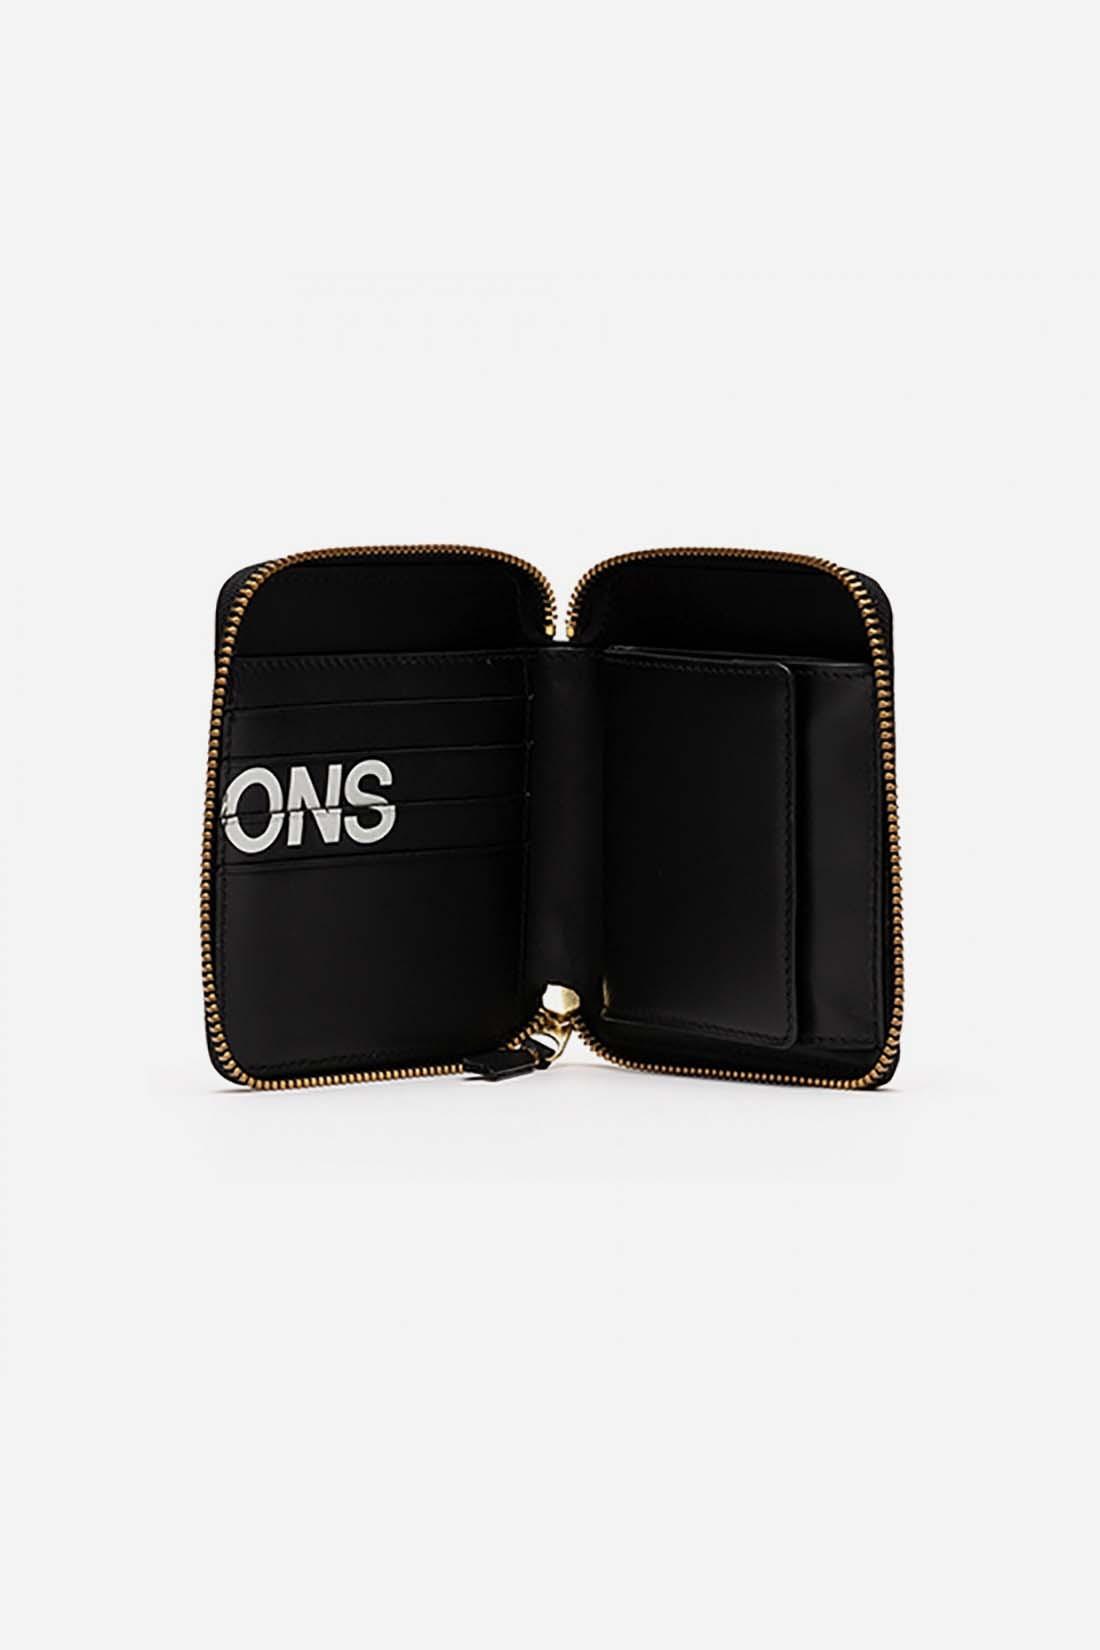 CDG WALLETS / Cdg huge logo wallet sa2100hl Black